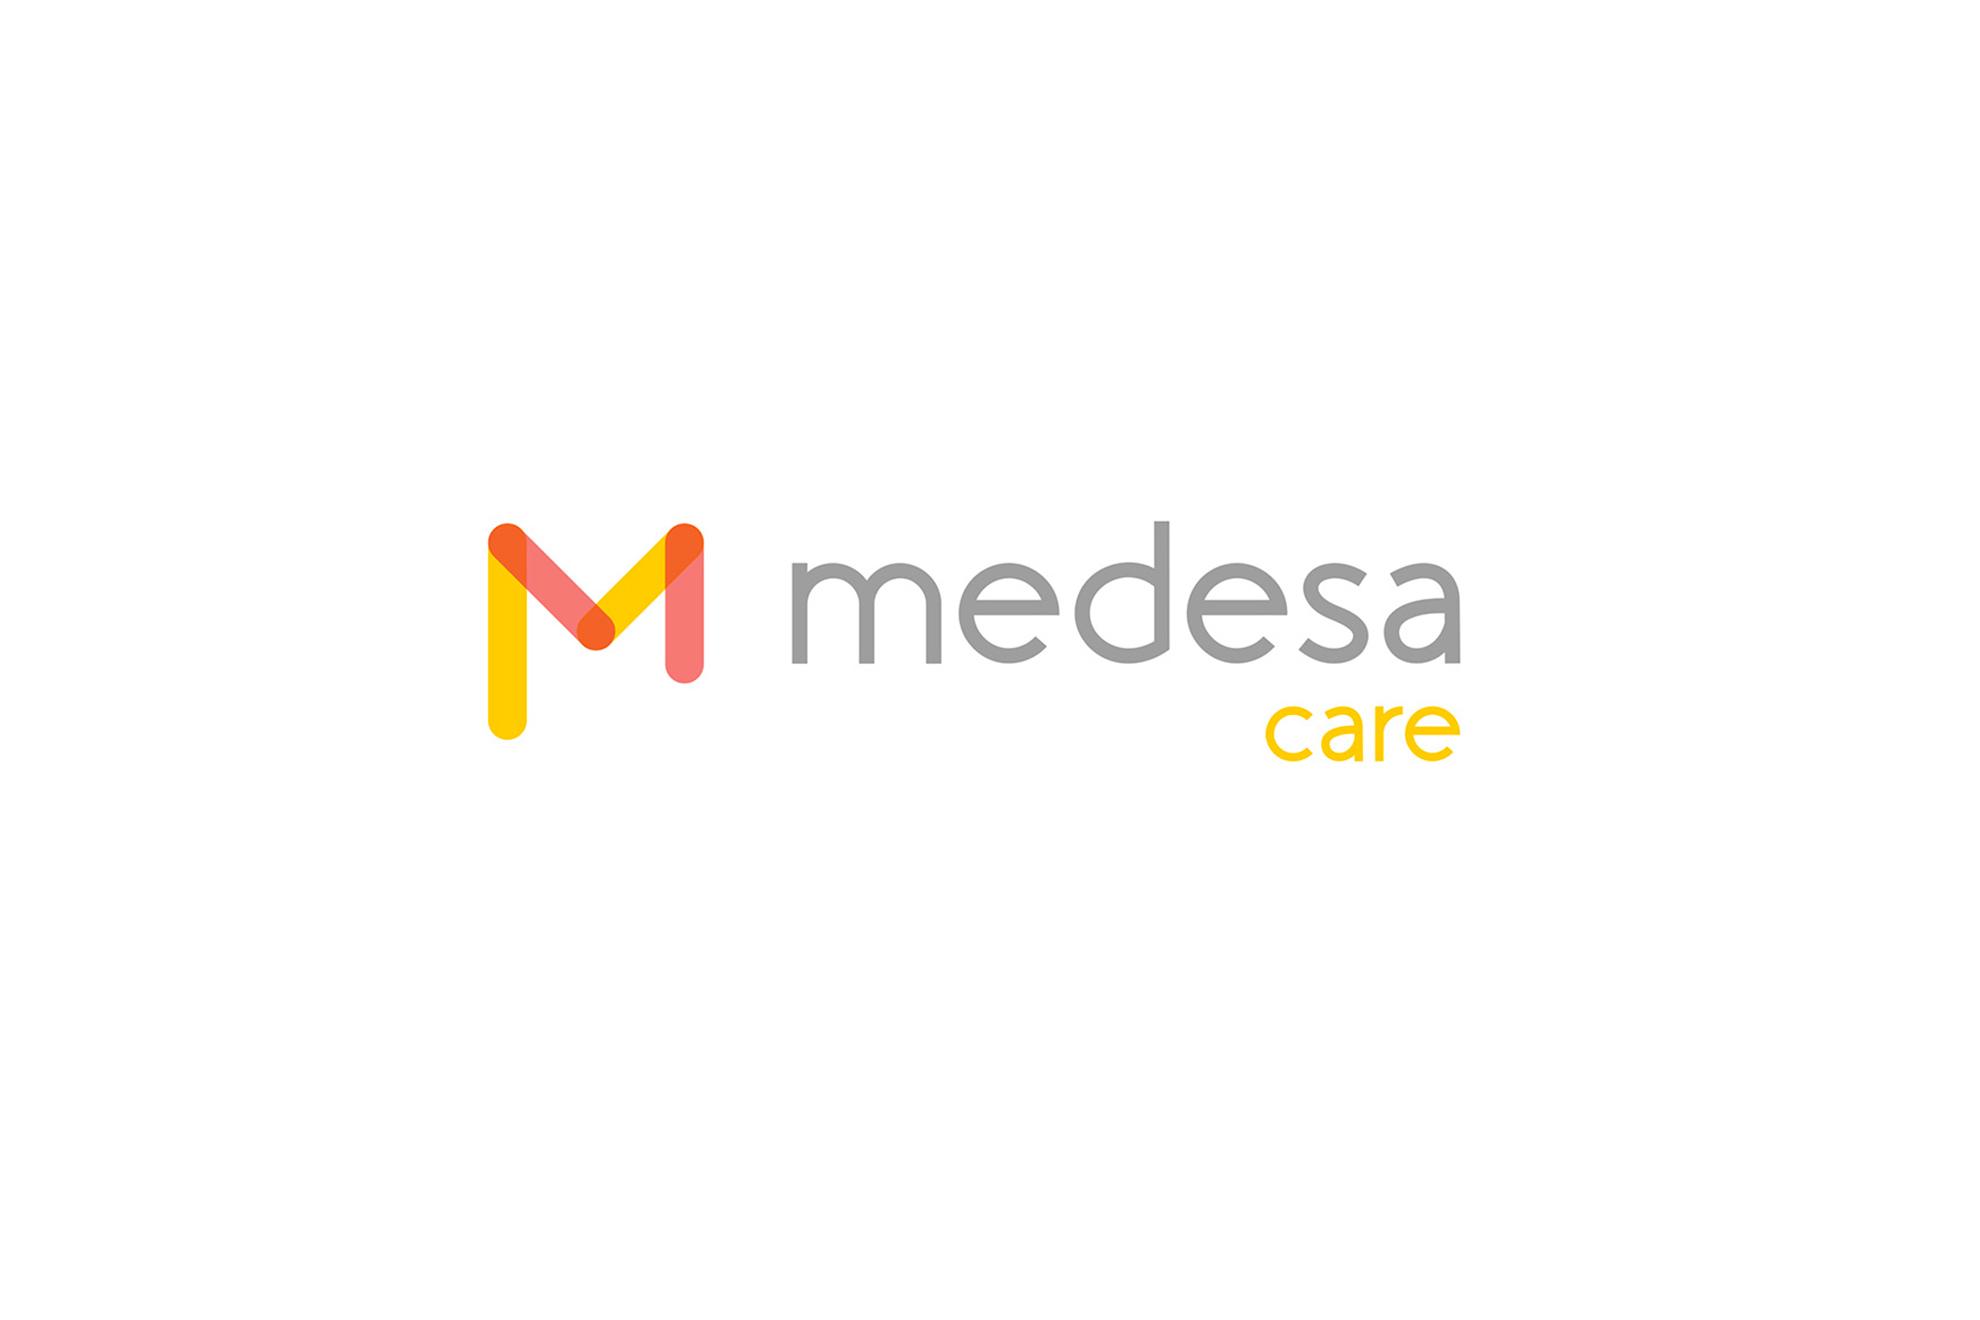 medesa-logo